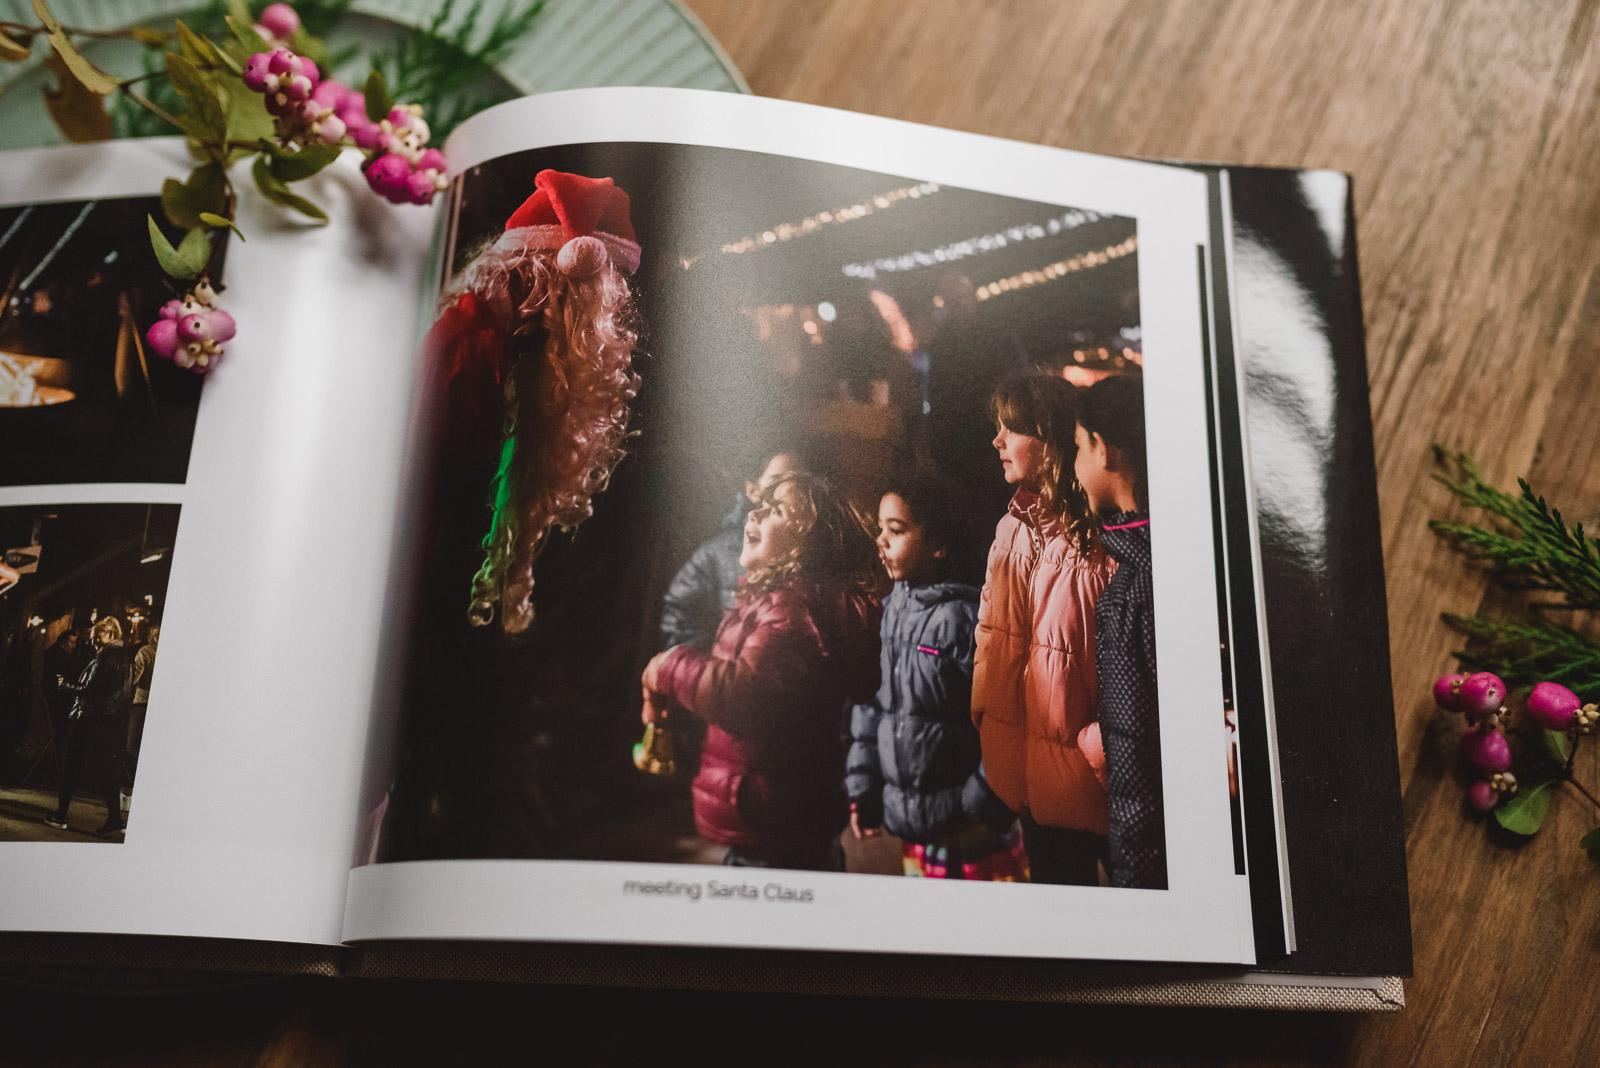 Christmas photo book by Anita Perminova